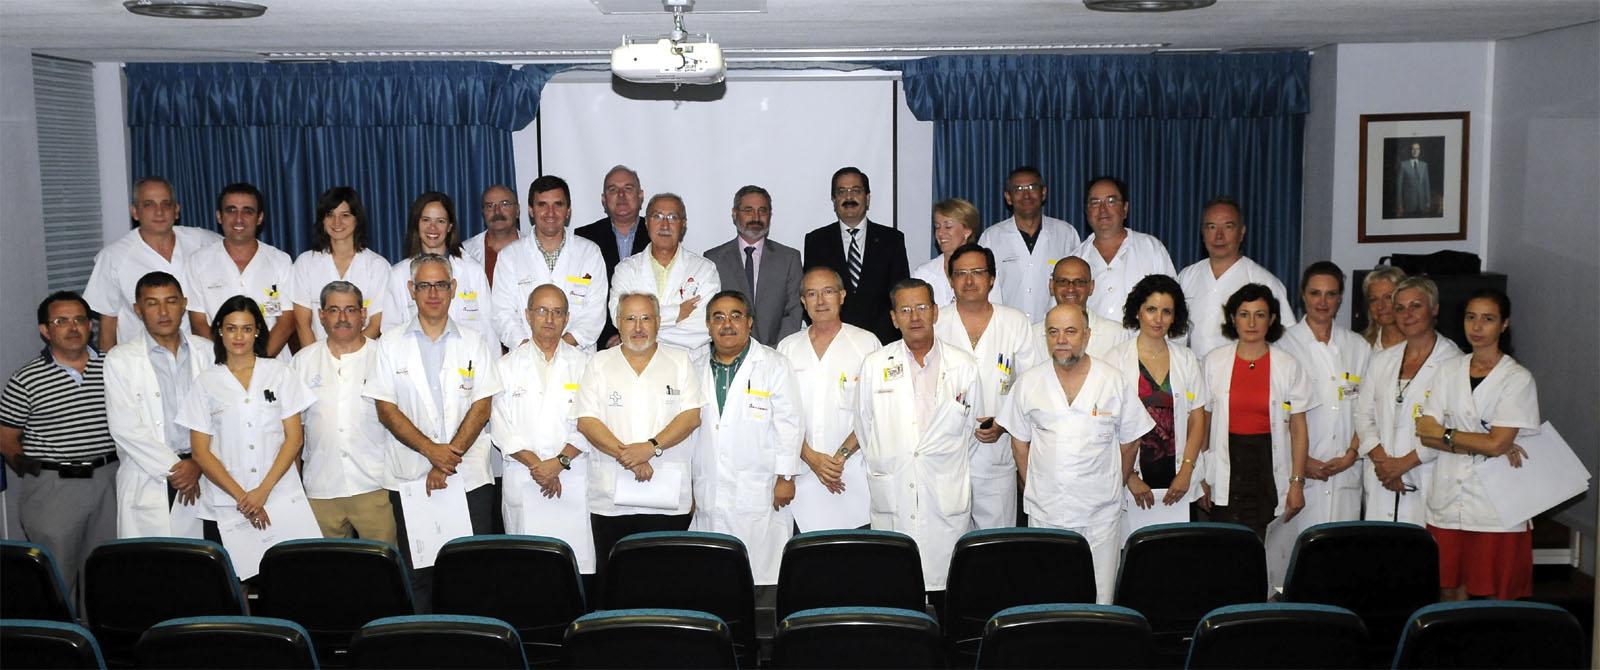 credenciales médicos H, Arrixaca